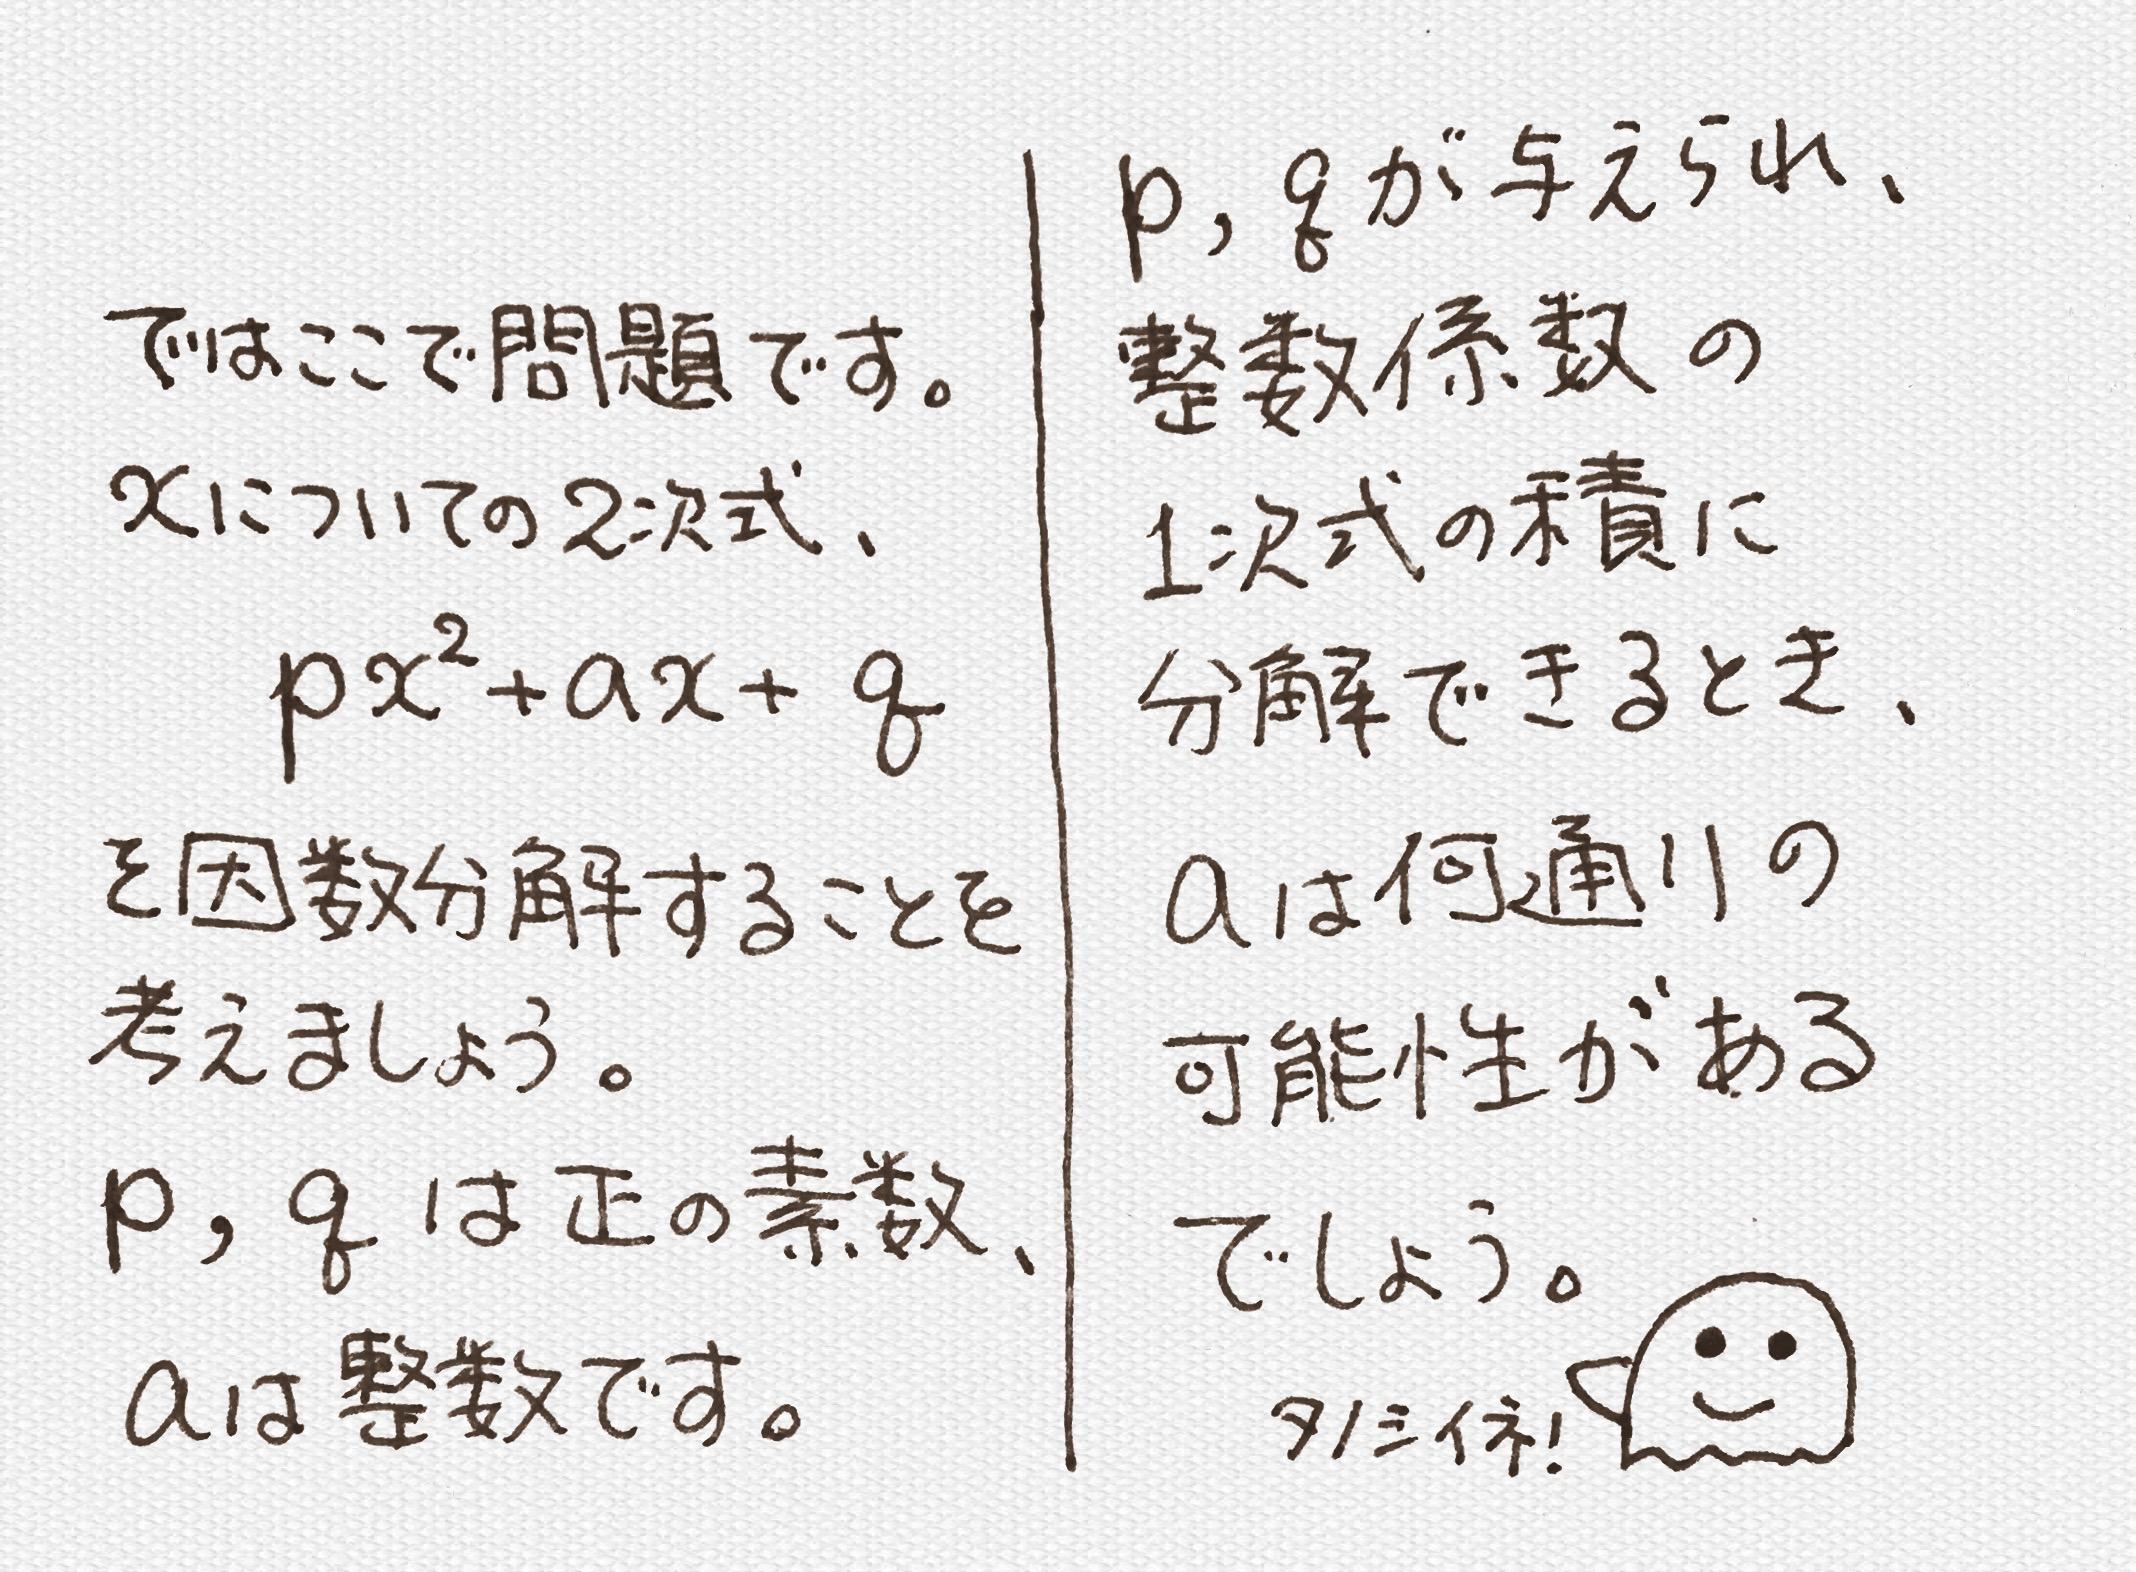 2015-10-25_expandq.jpg